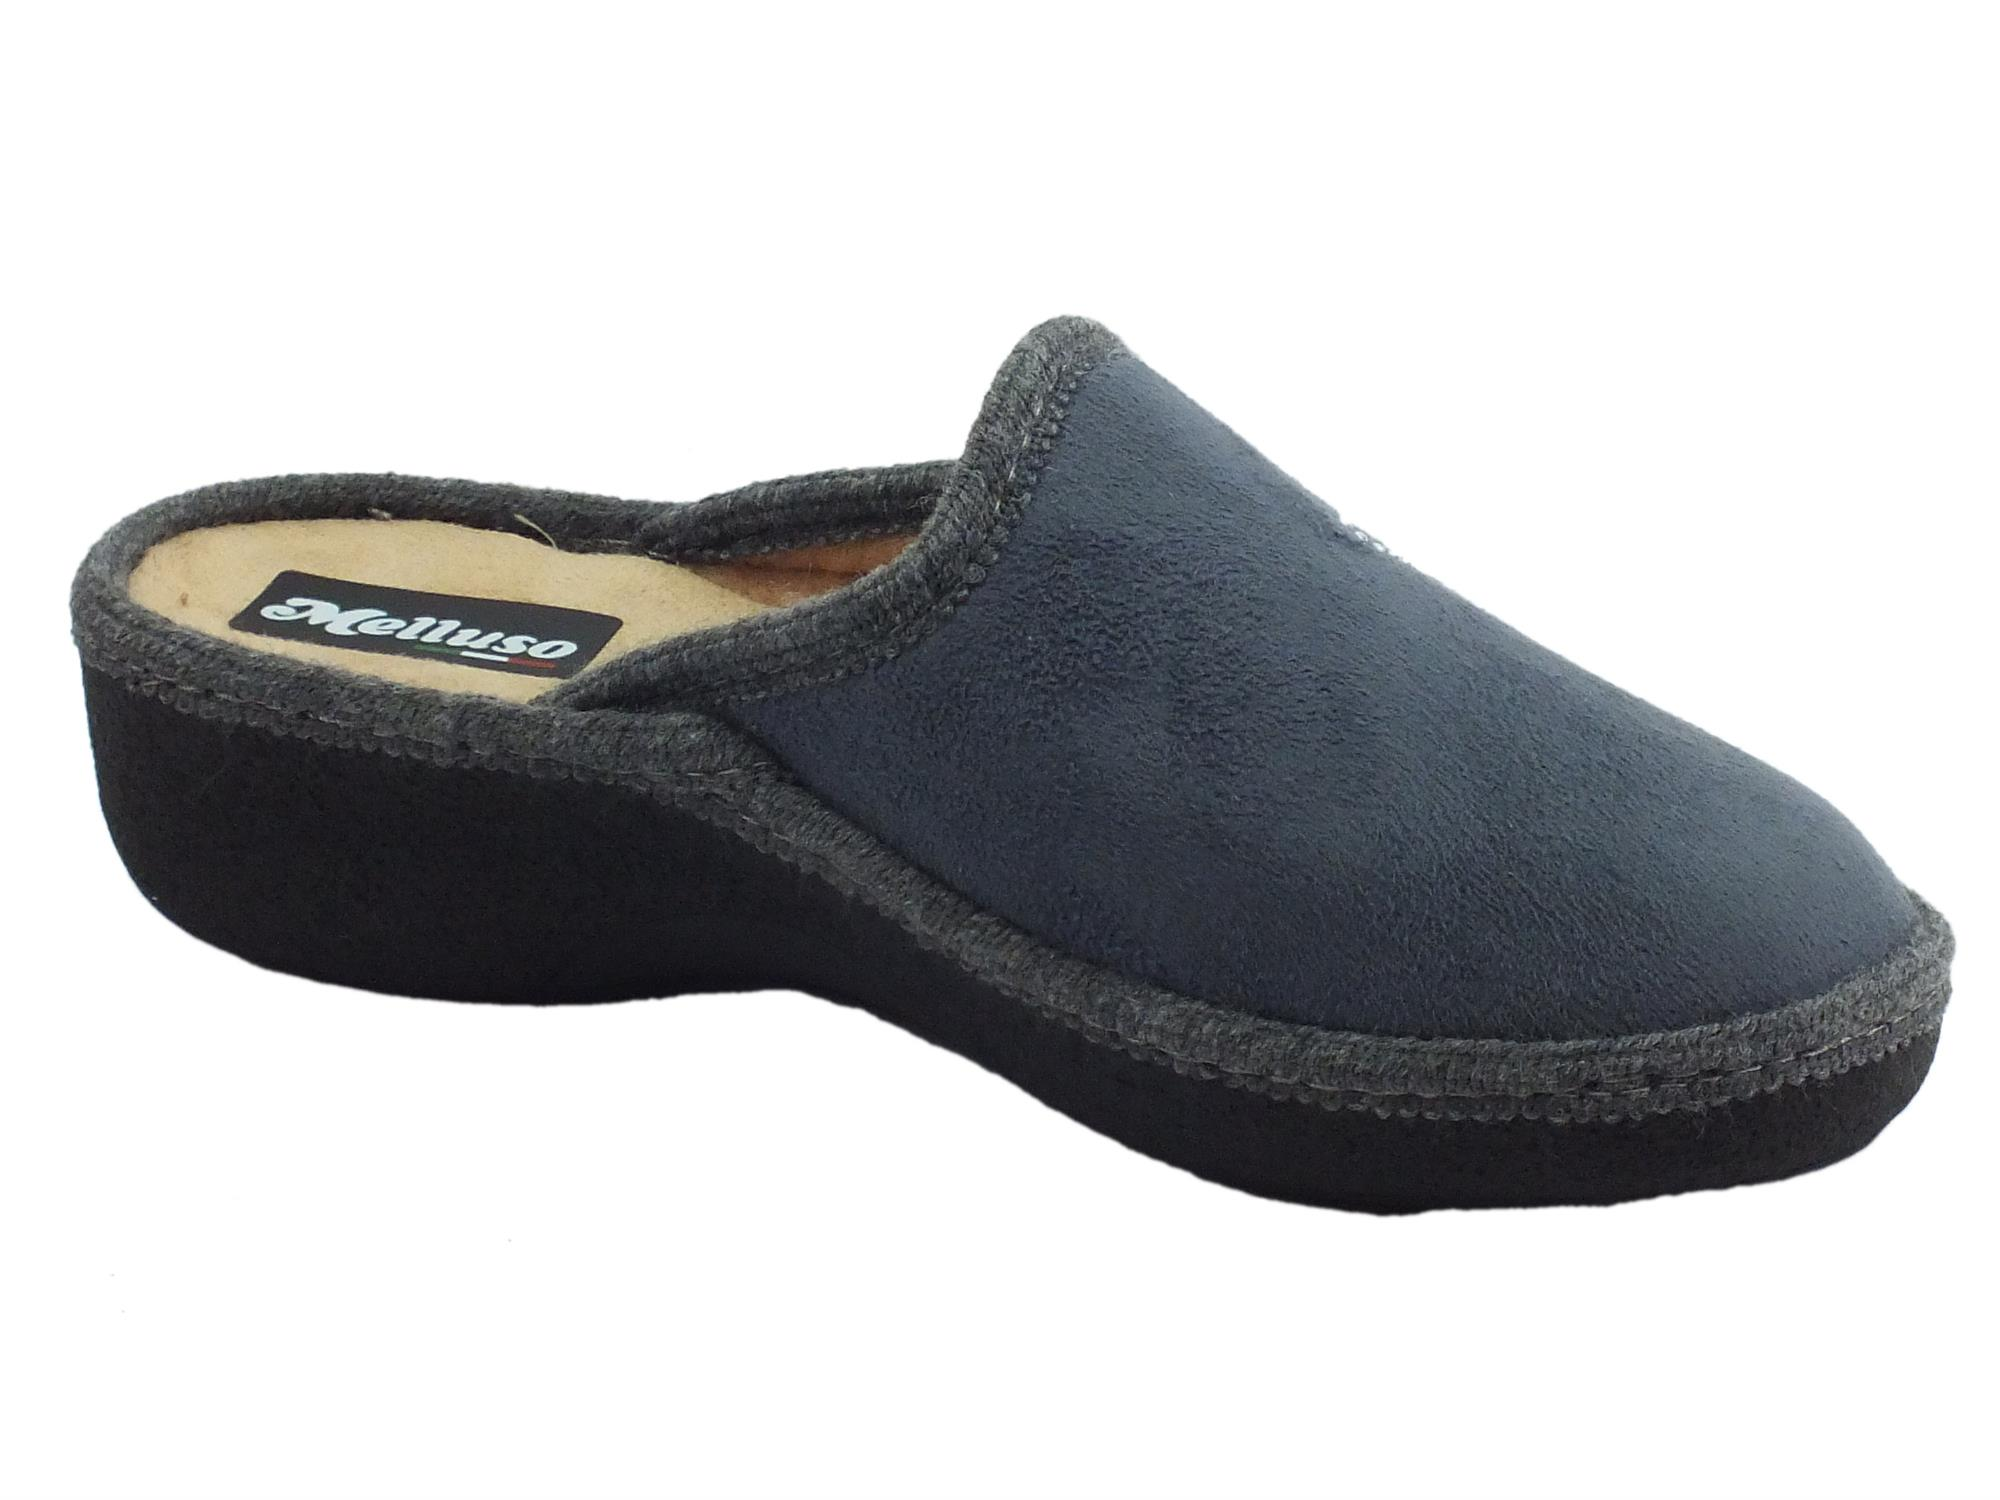 Pantofole Melluso donna tessuto grigio beige - Vitiello Calzature 01eb61e8949